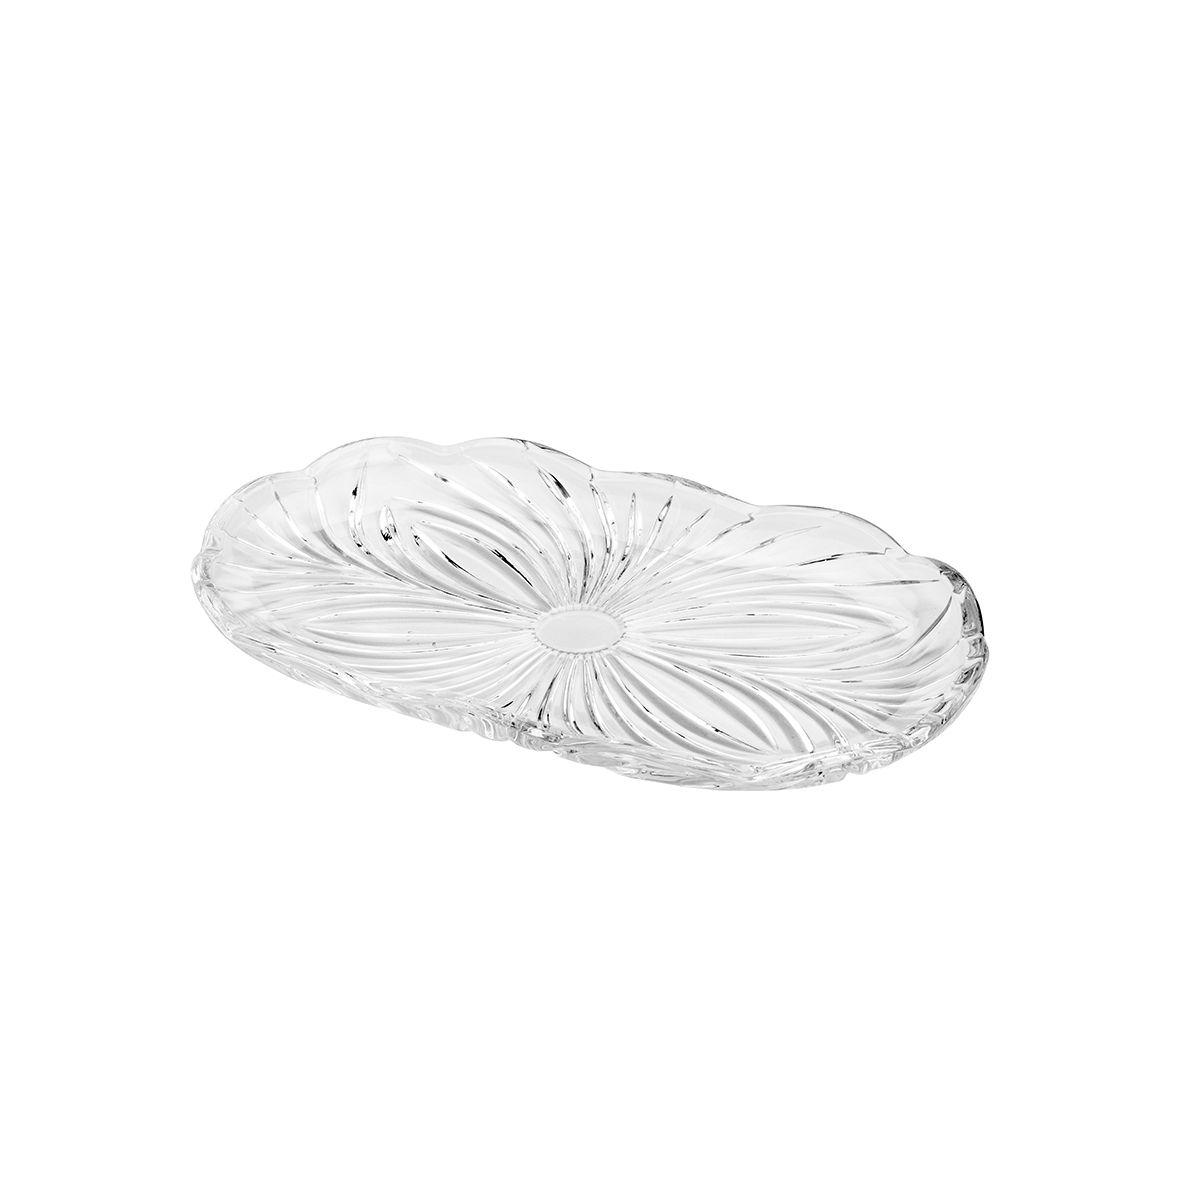 Bandeja oval 23,8 cm de cristal transparente Alberta Lyor - L7044